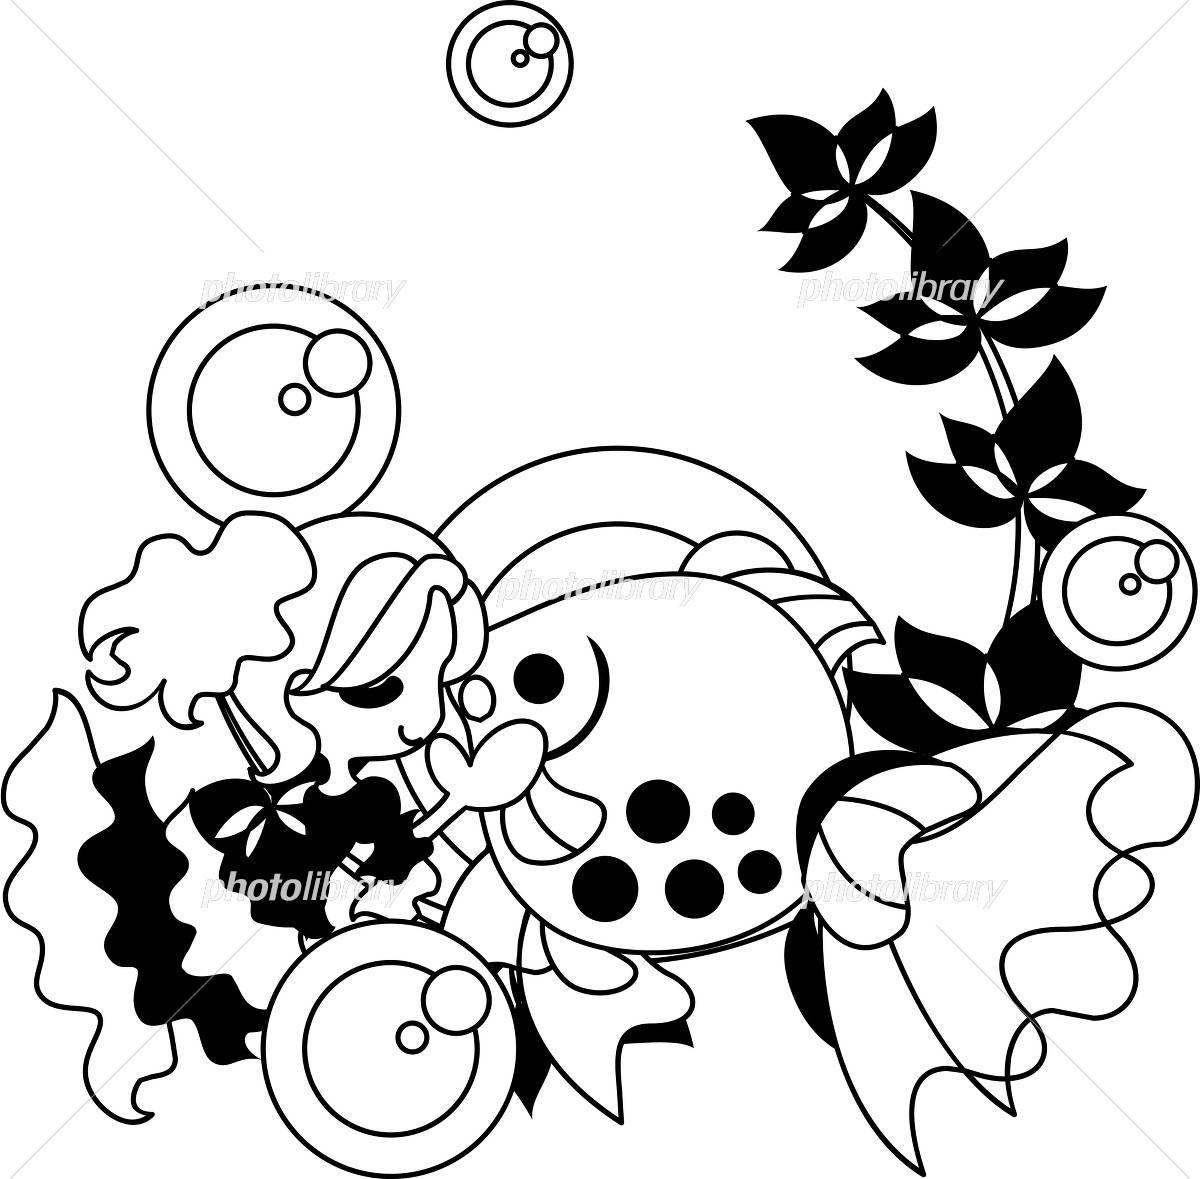 金魚と女の子のイラストモノクロ イラスト素材 4373194 フォト